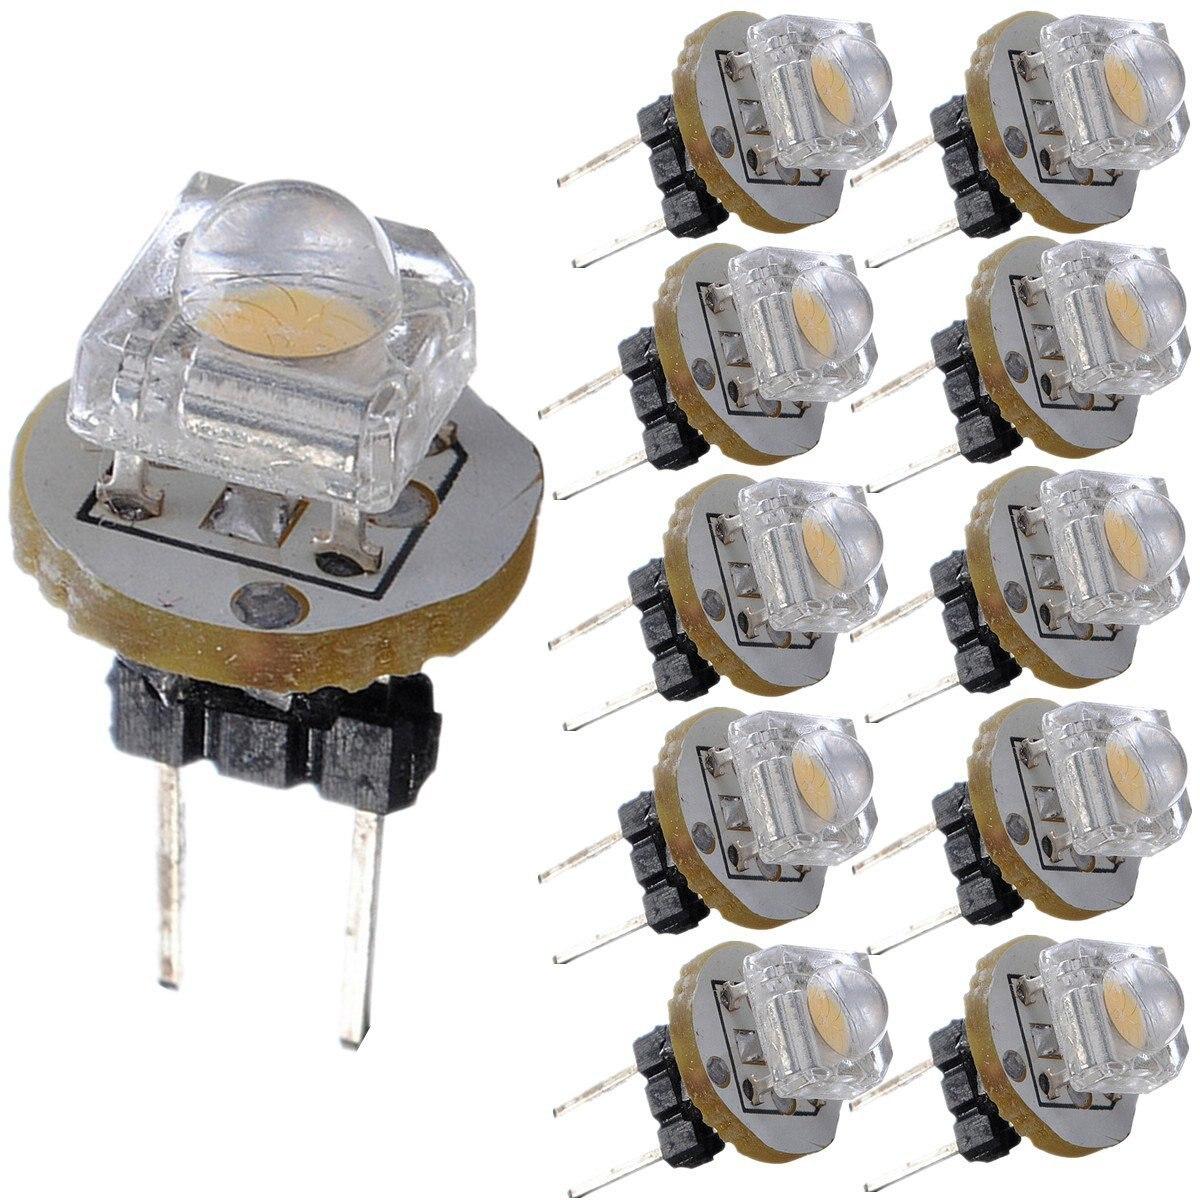 10 х g 4 <font><b>LED</b></font> SMD 0.2 Вт <font><b>12</b></font> В светодиодные лампы теплый белый свет для чтения на колесах Camper Лодка лампа